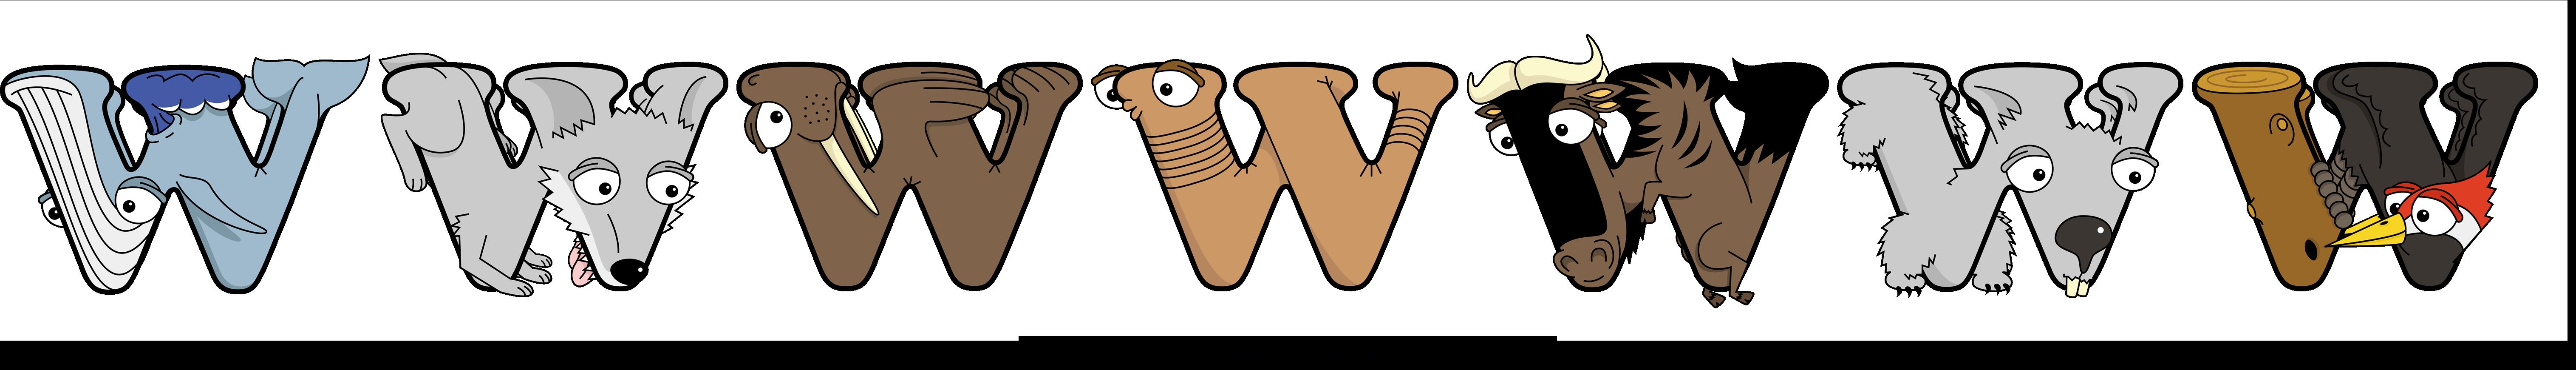 The word WWWWWWW written in cute cartoon animal drawings